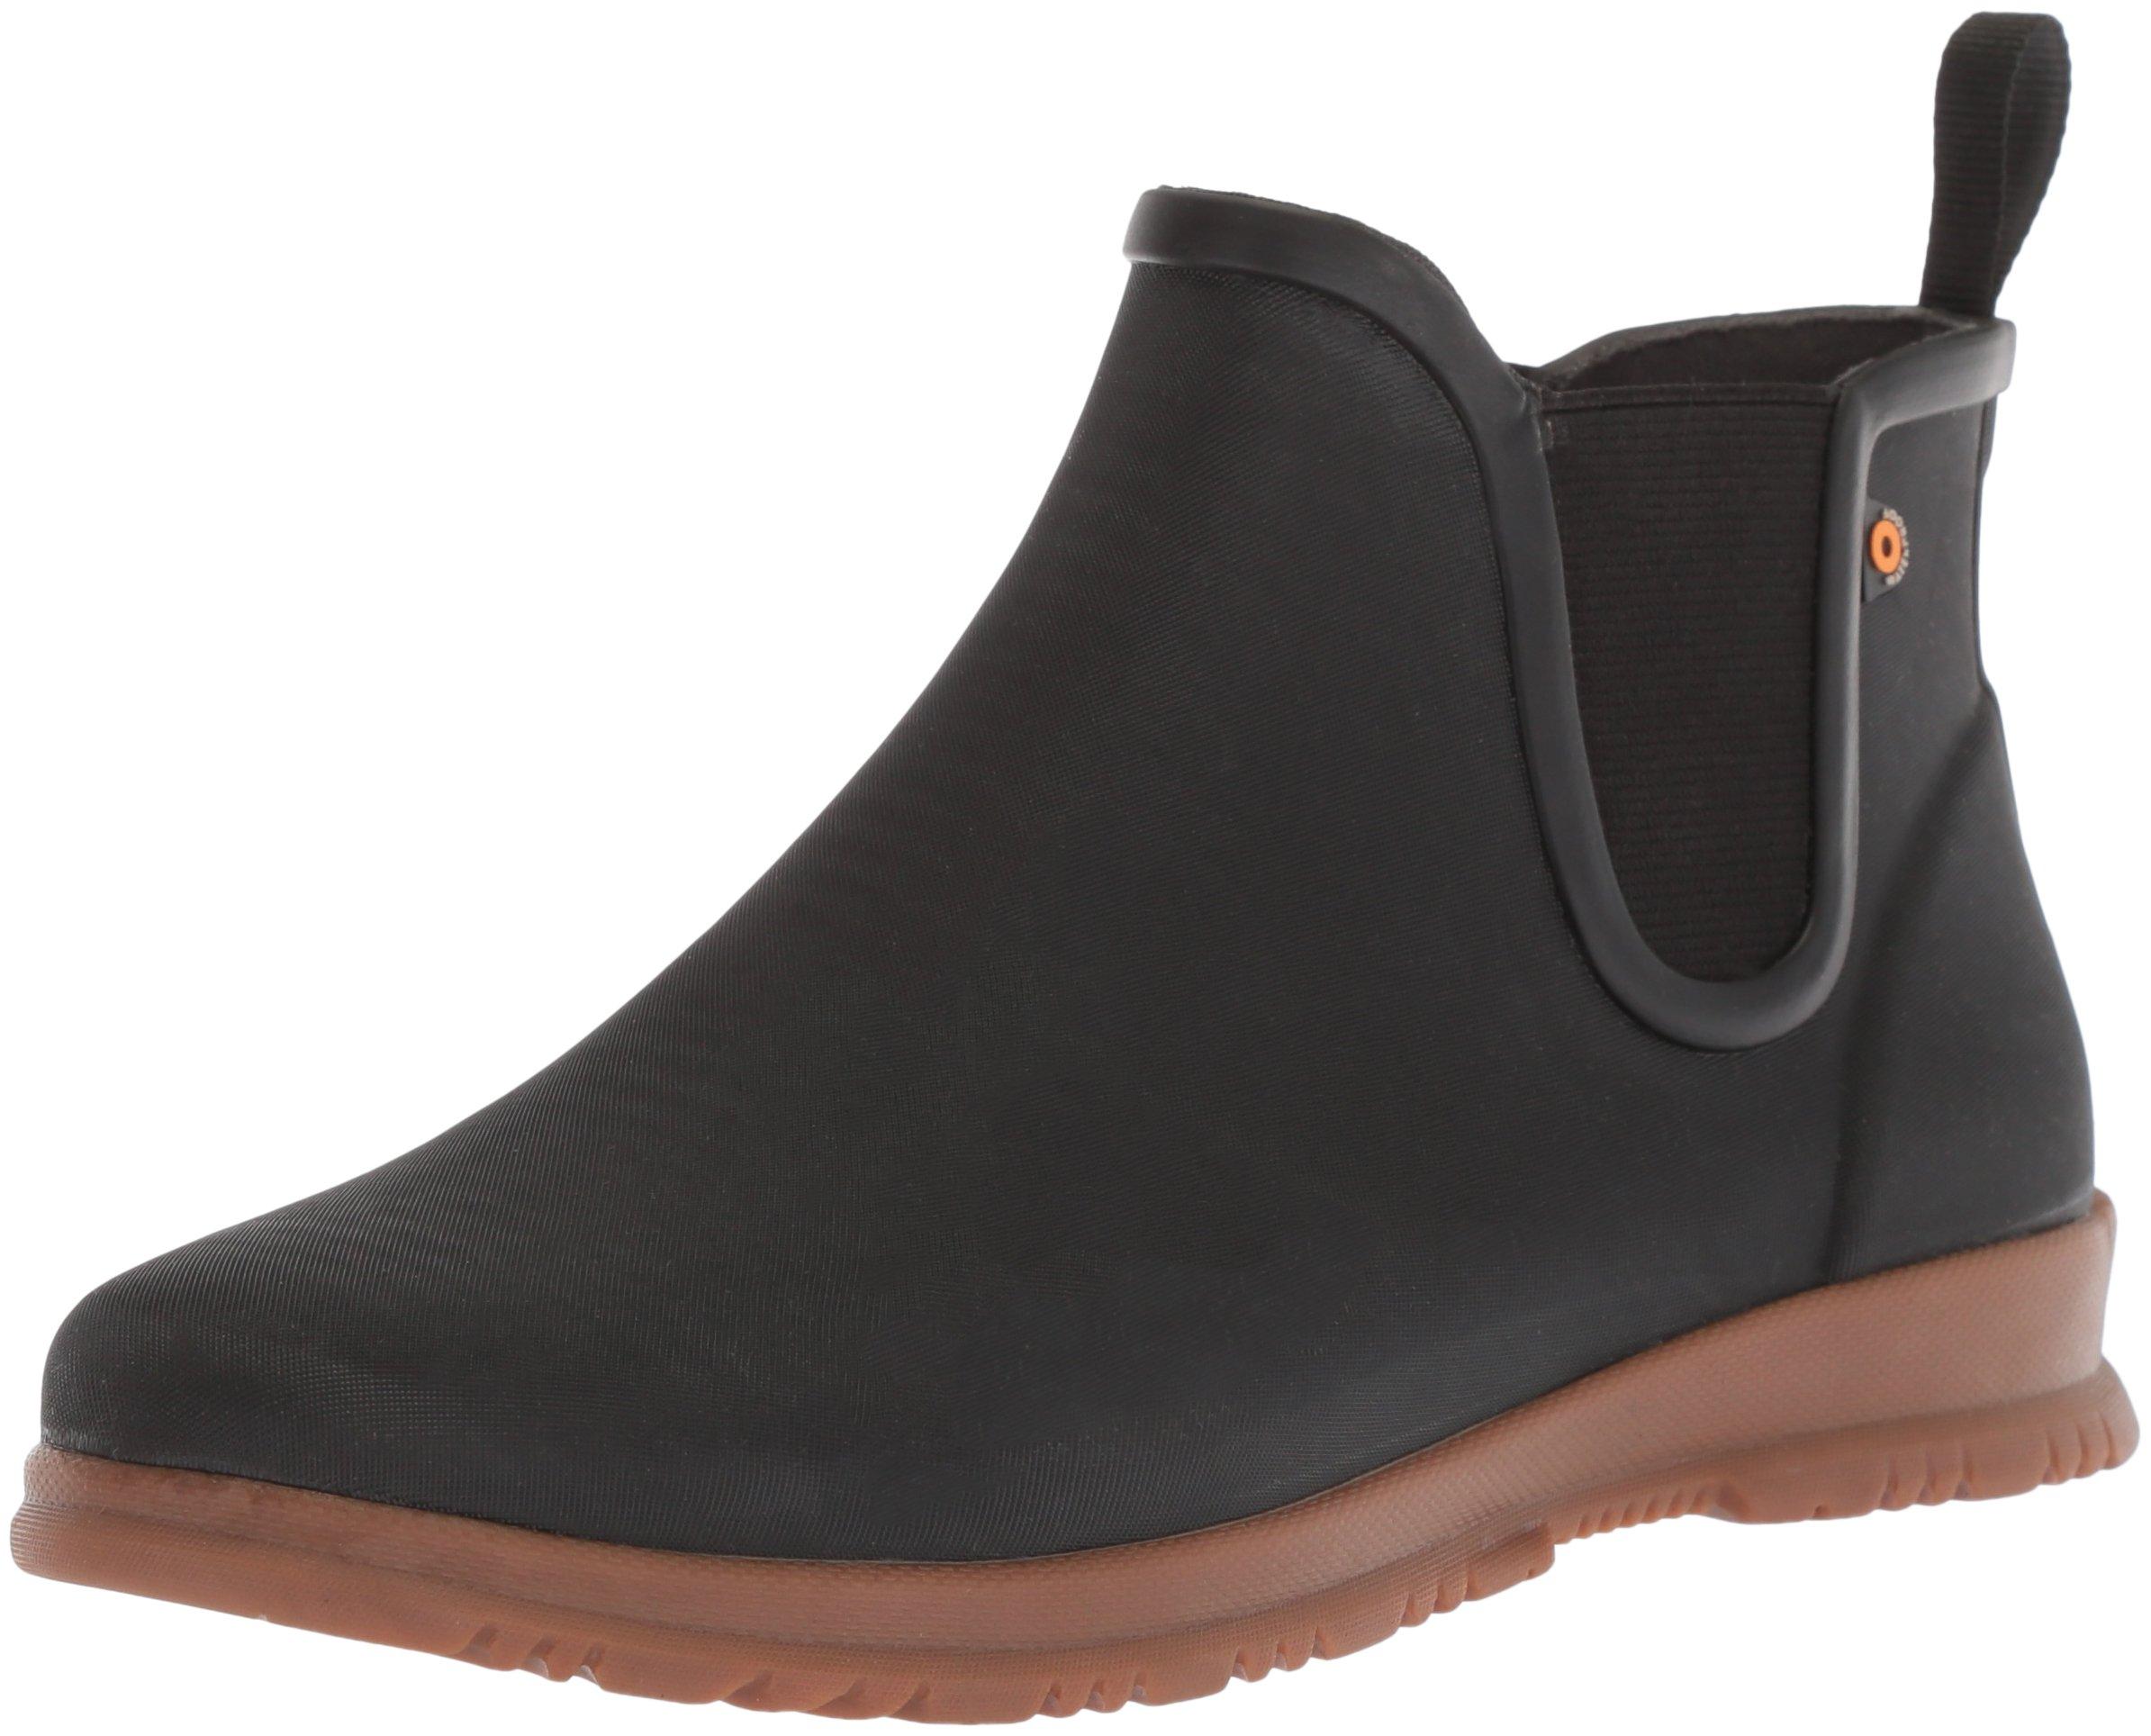 Bogs Womens Sweetpea Boot Black